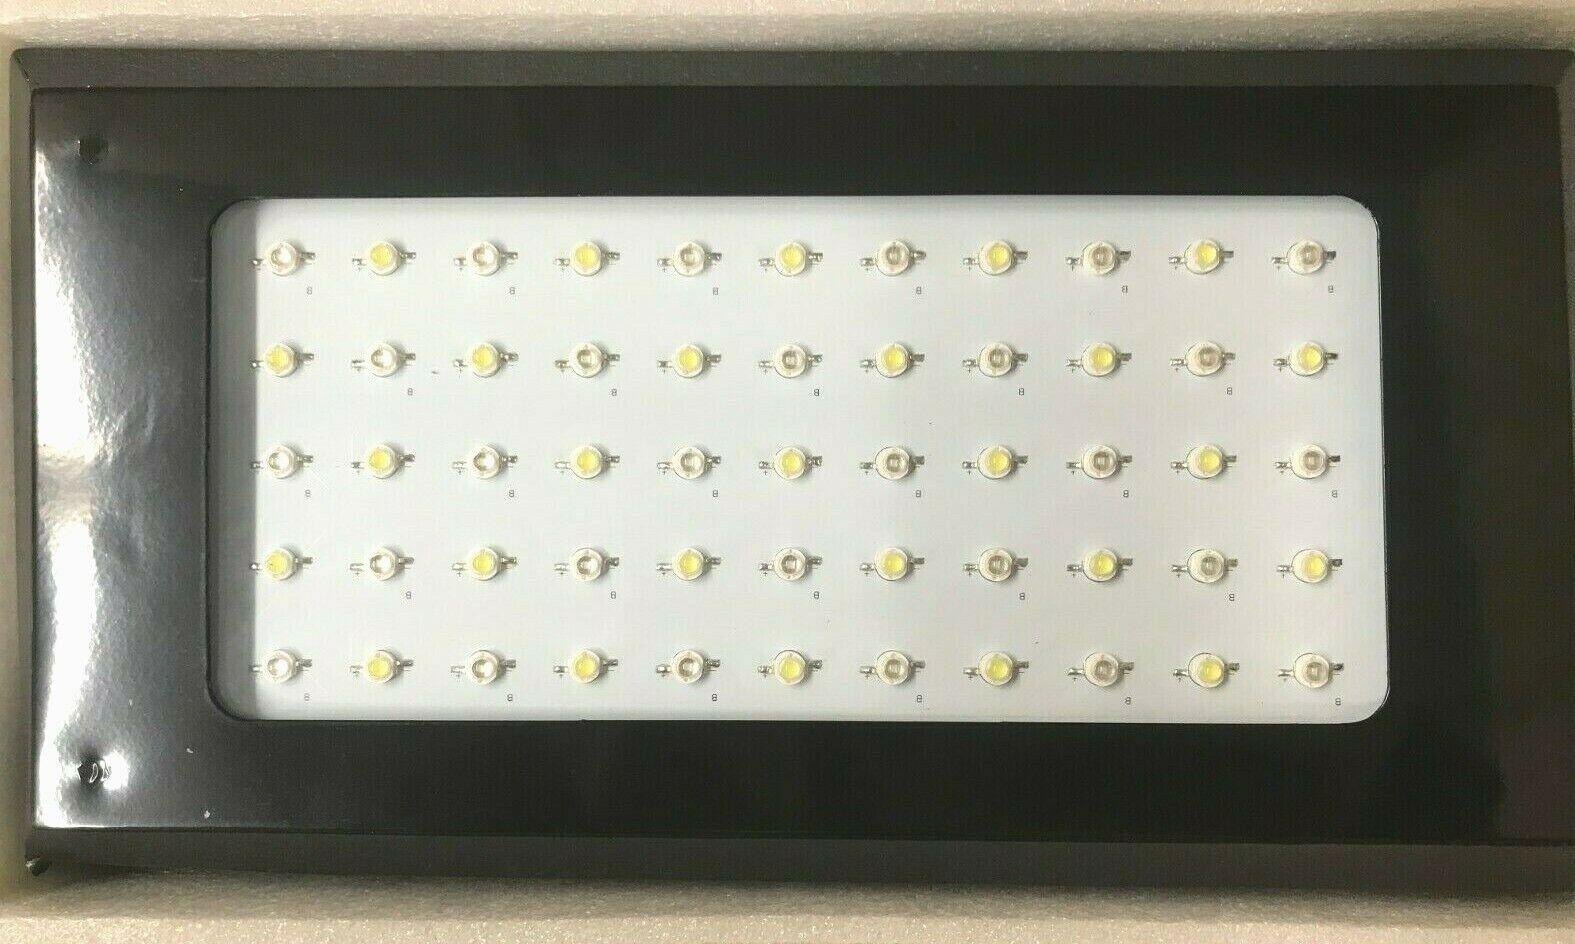 120W (55x3W) Luz LED de Acuario, Regulable, alto flujo y penetración brillo profundo